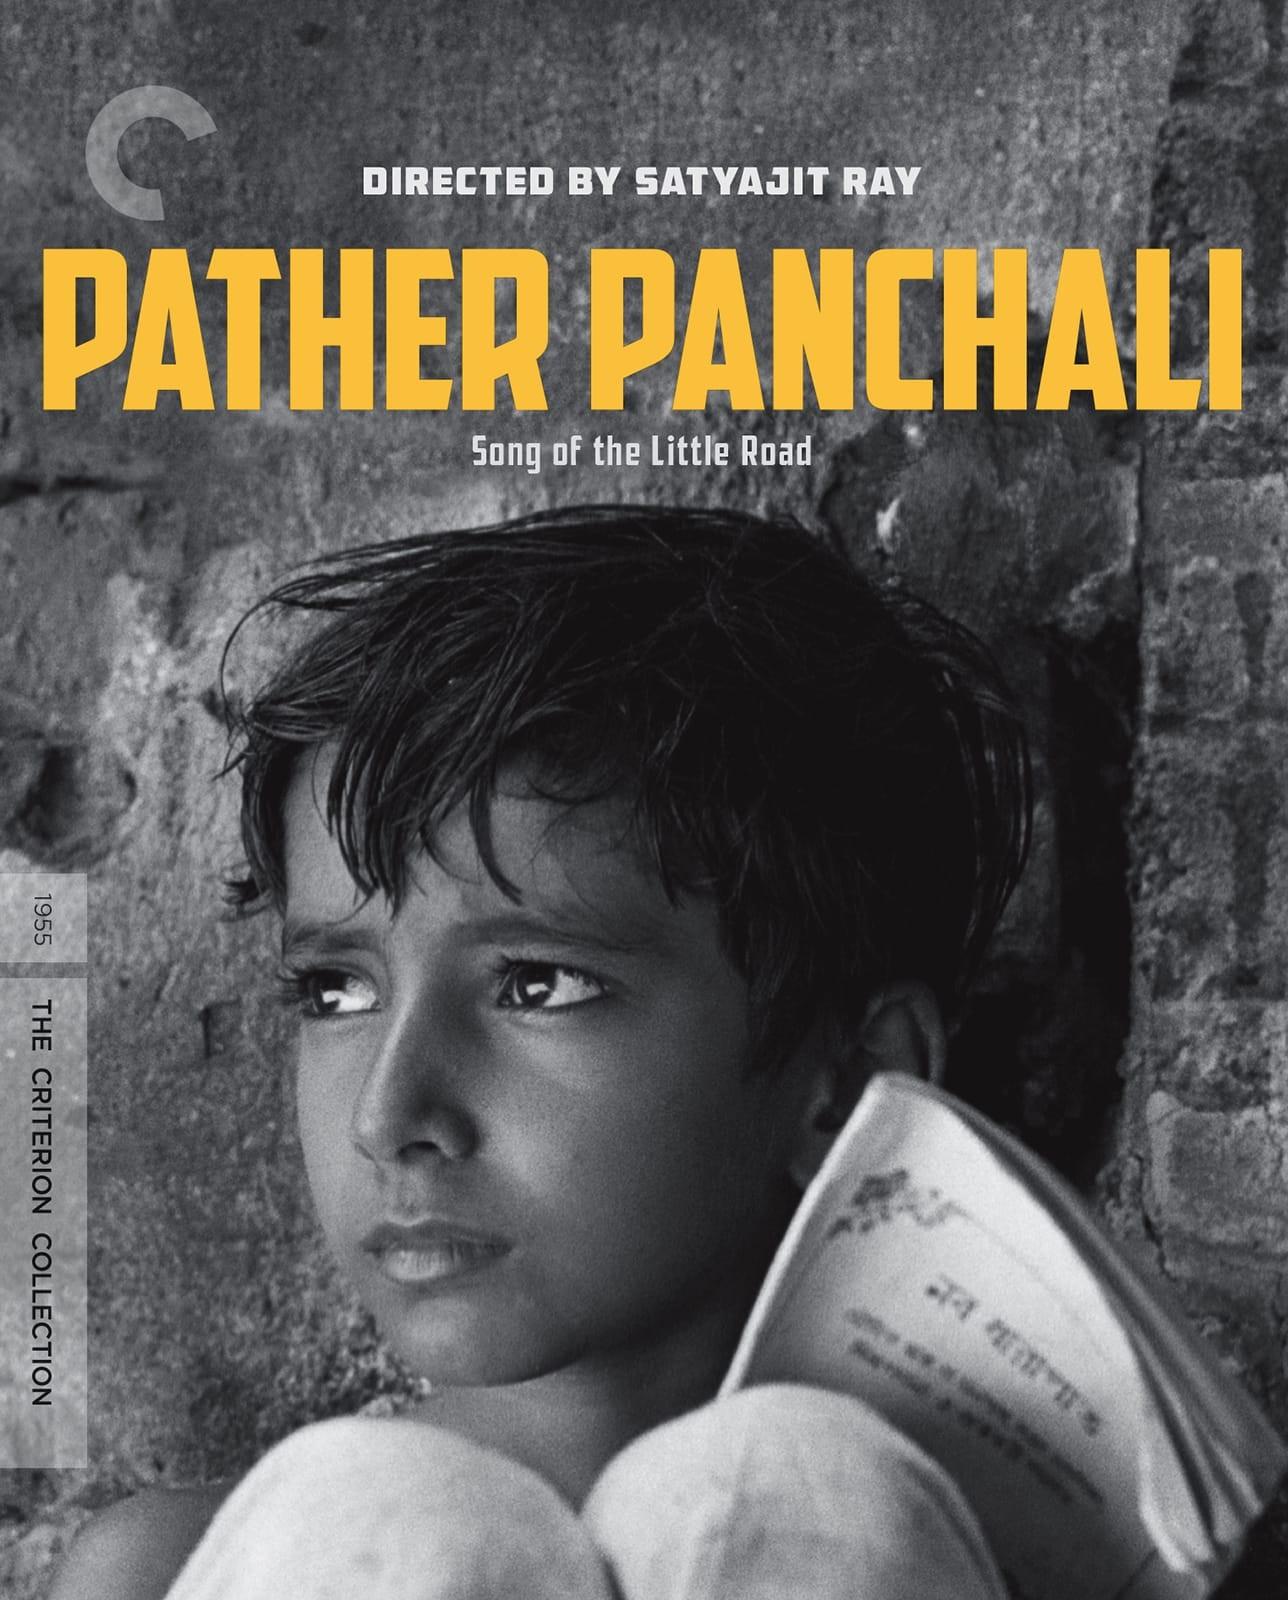 Pather Panchali 1955 UHD 2160p SDR HEVC DTS-HDMA  1.0-DDR | G- Drive |